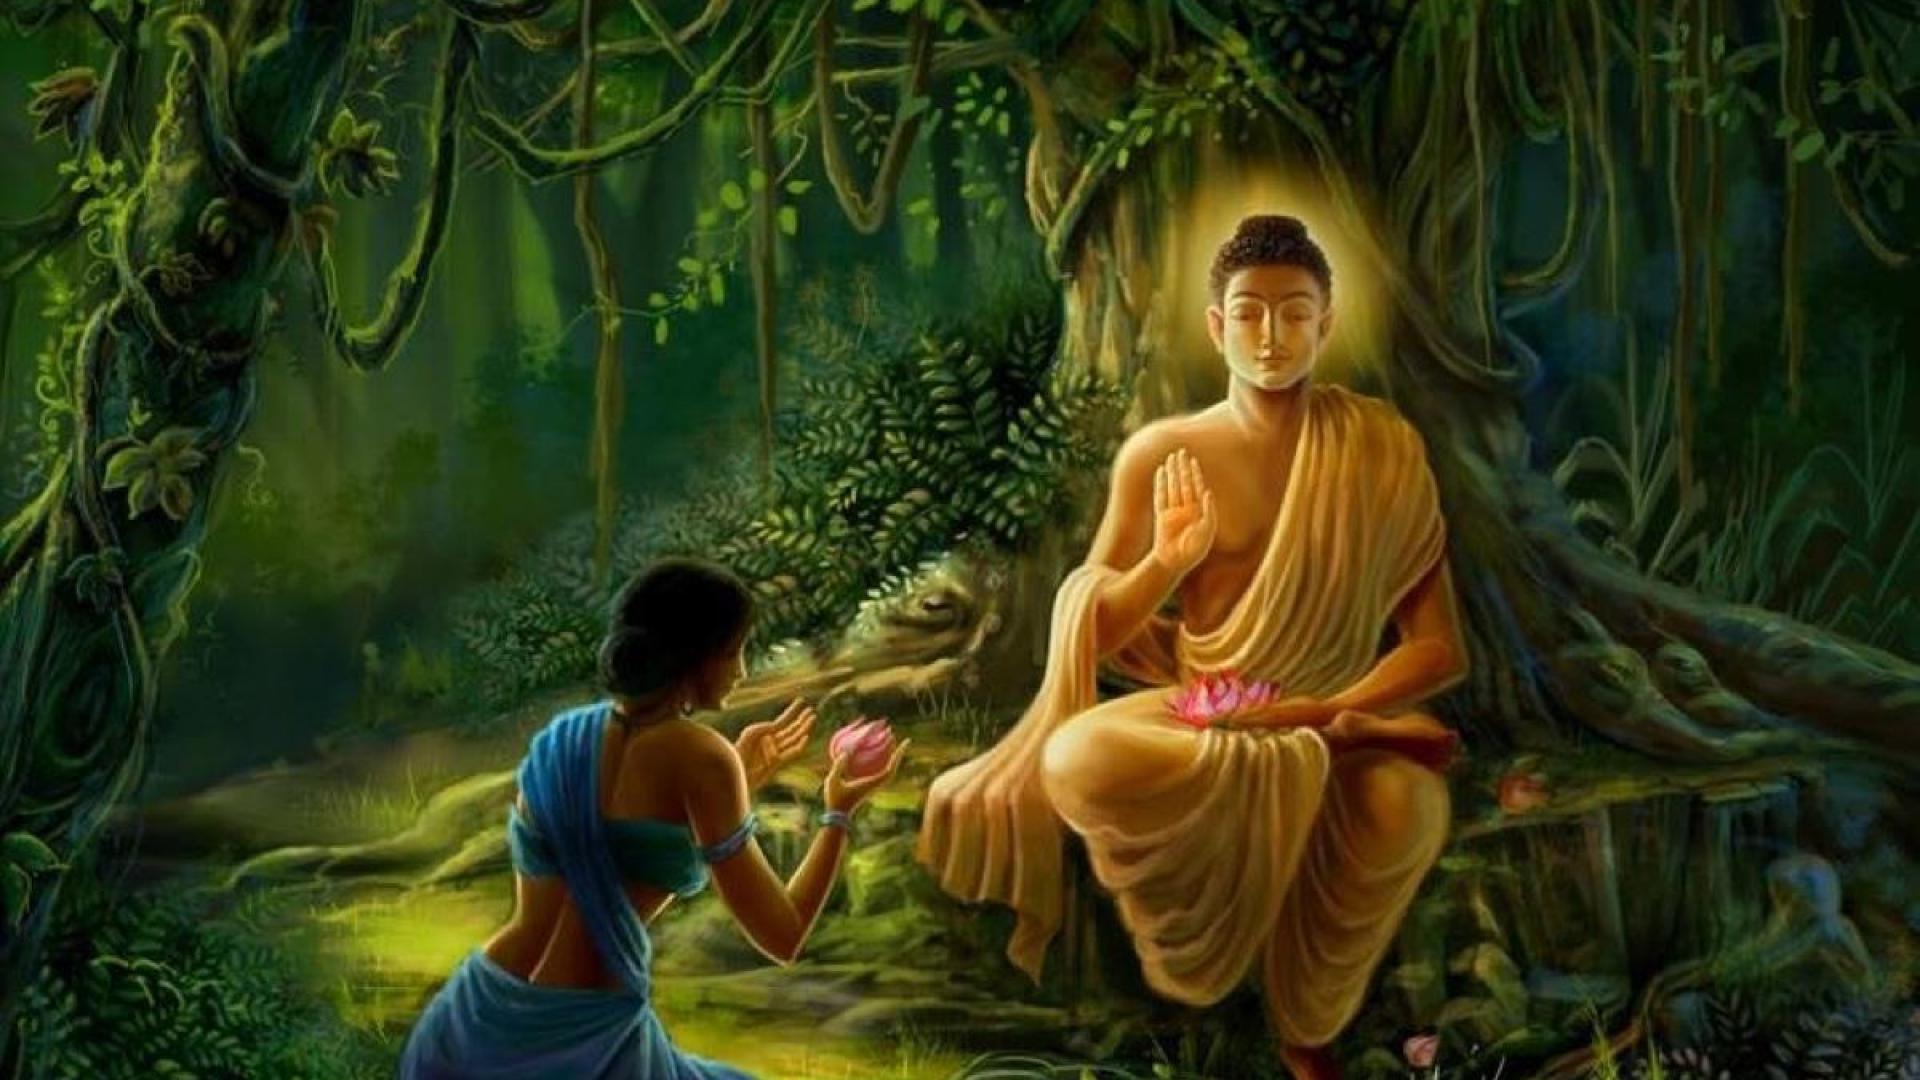 Buddha Wallpaper Hd 1080p Free Download Gautam Buddha Wallpaper Hd 1920x1080 Wallpaper Teahub Io